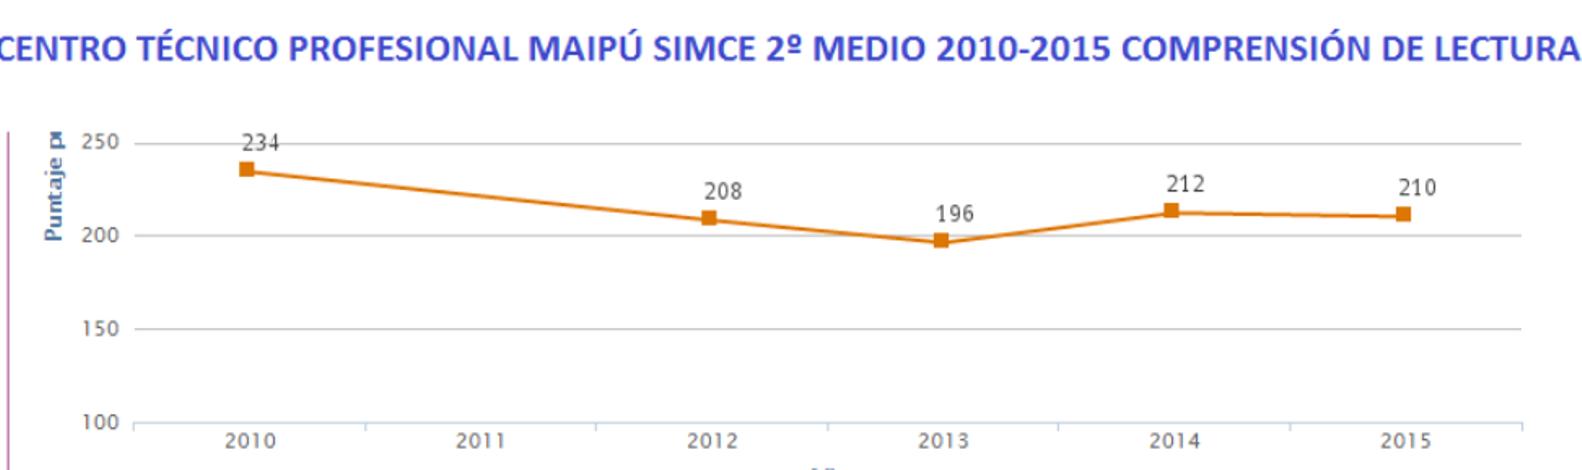 CENTRO TECNICO PROFESIONAL  2010-2015 SIMCE LECTURA